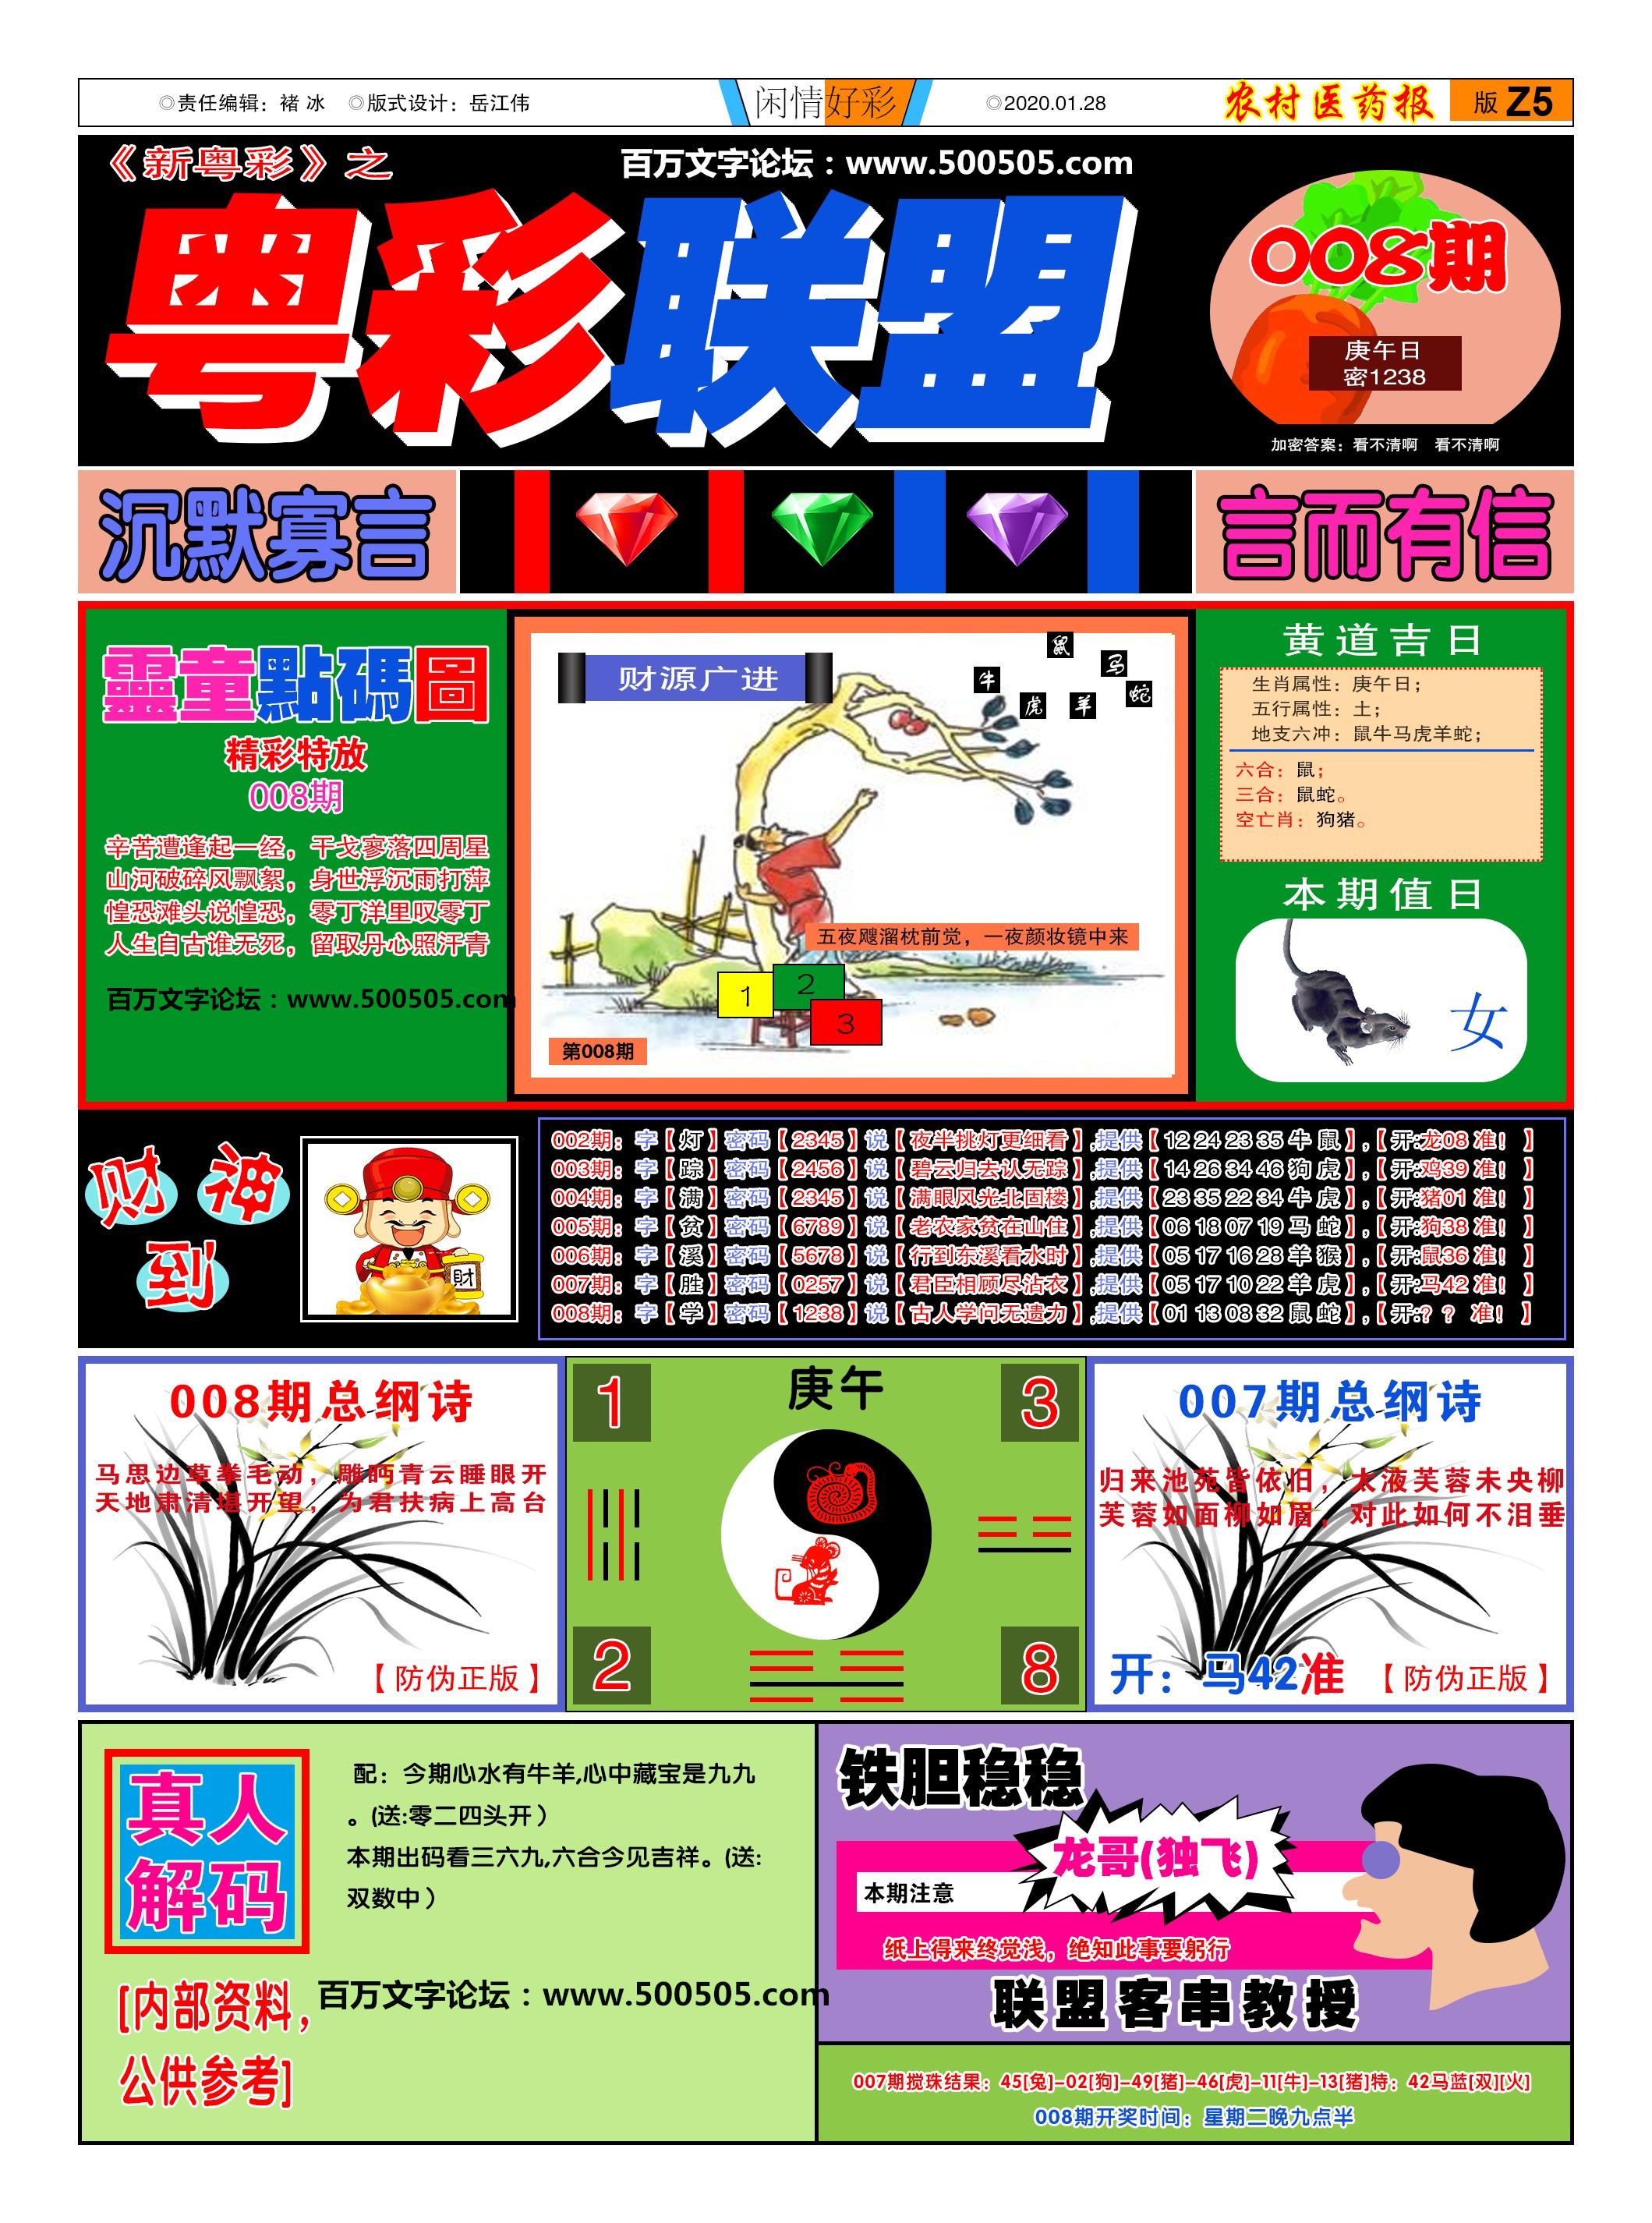 008期:彩民推荐:≮粤彩联盟≯→(博彩必备)